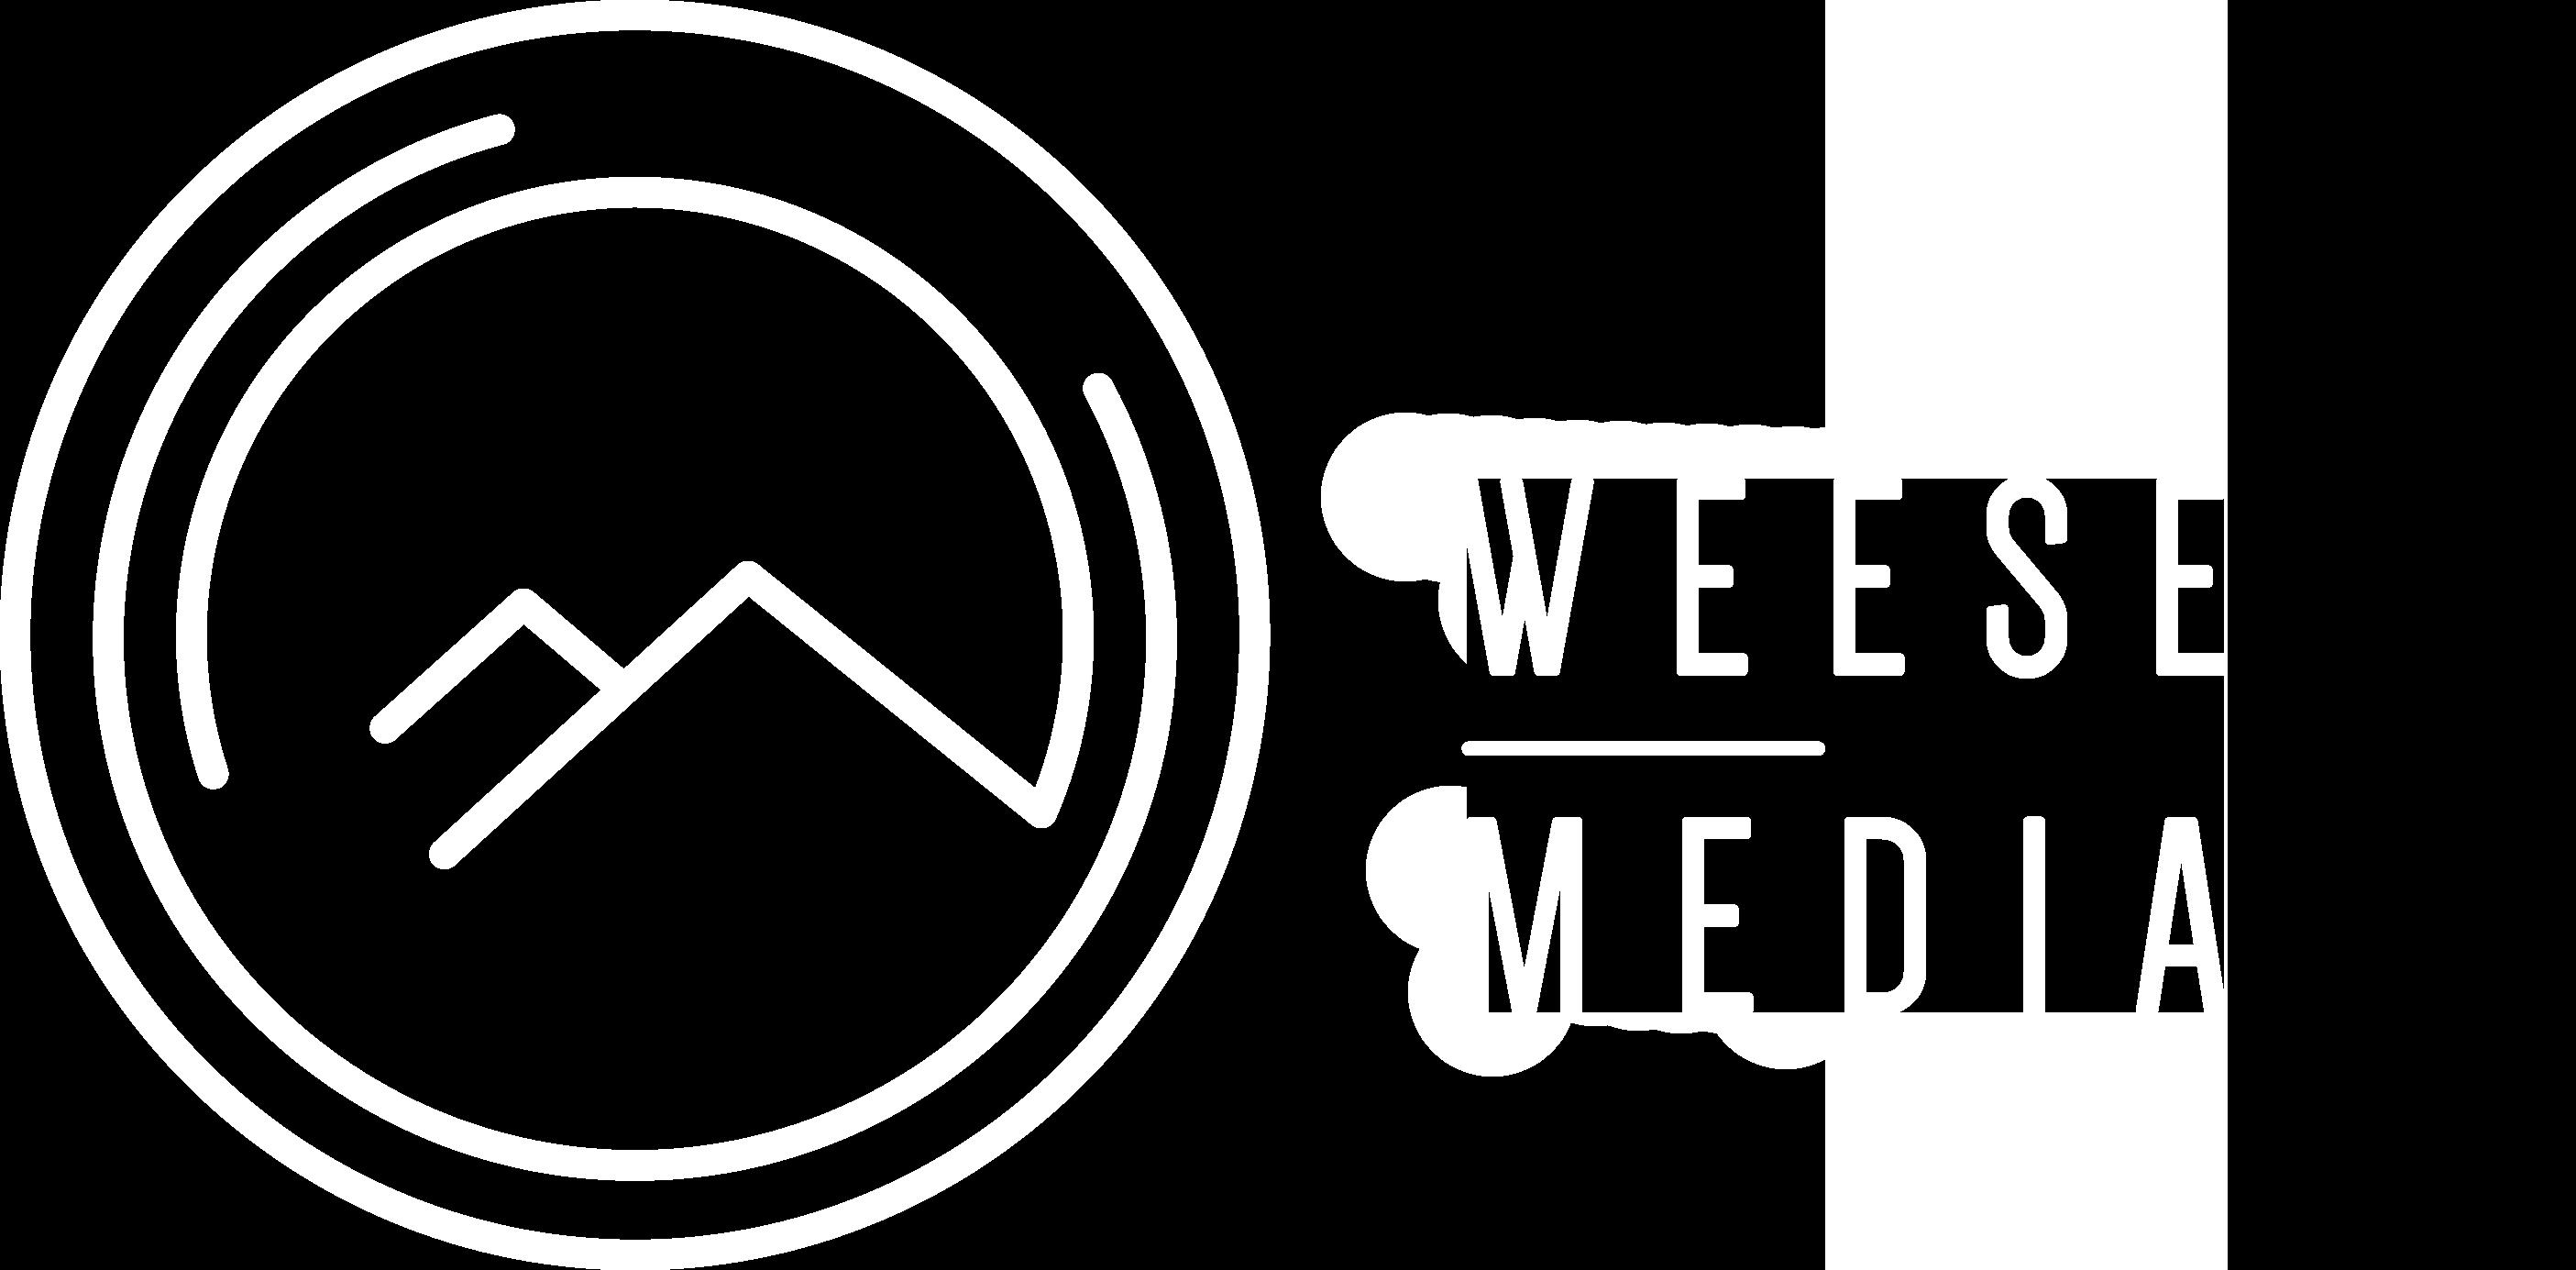 Weese Media